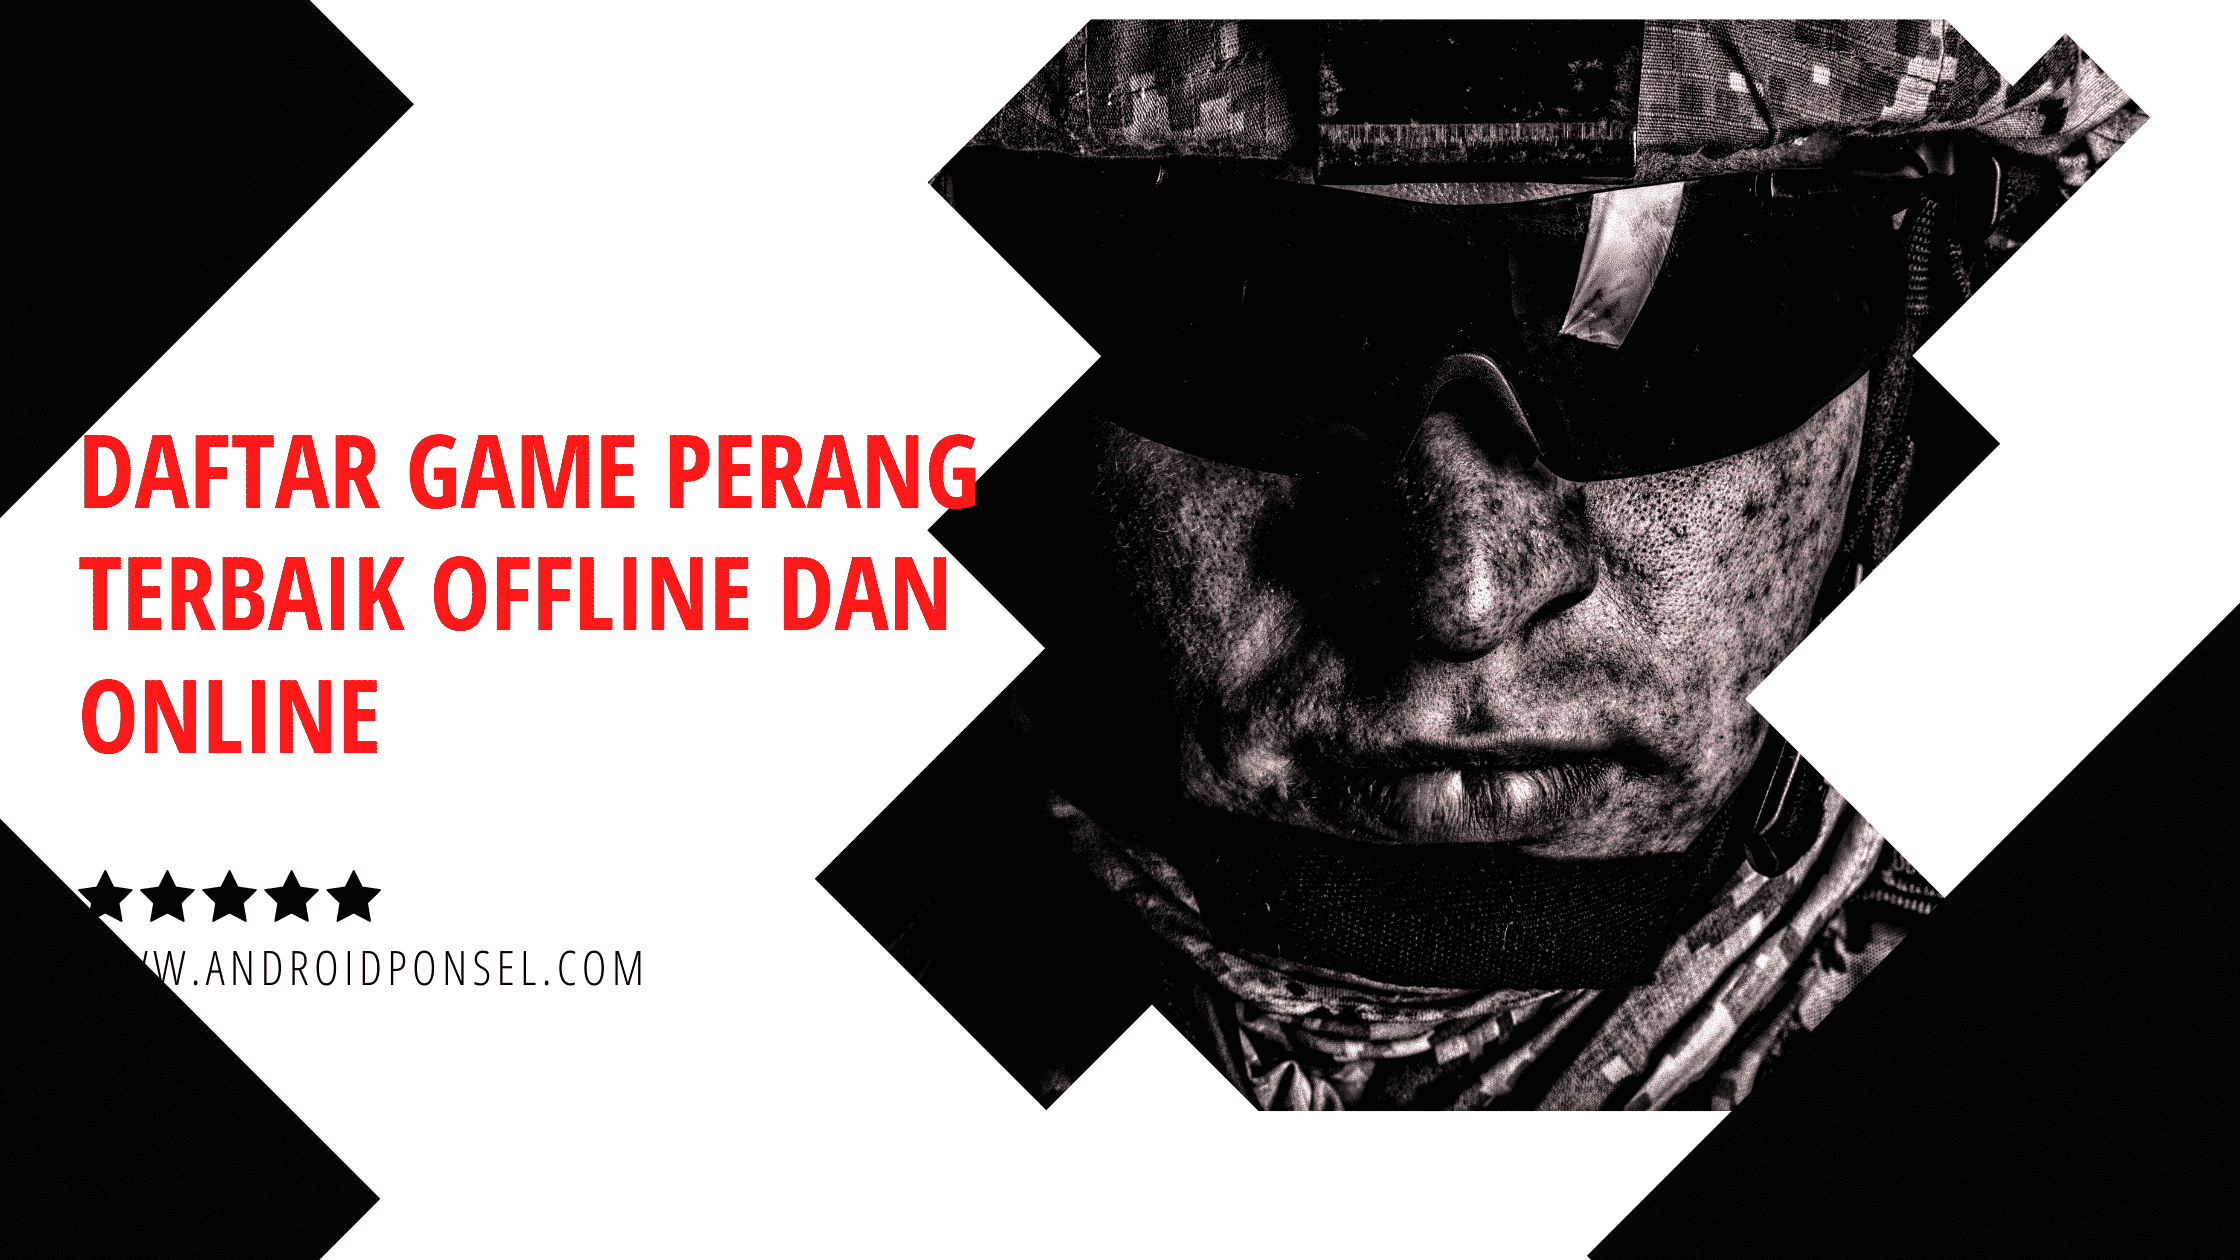 Daftar Game PC Perang Terbaik Offline dan Online